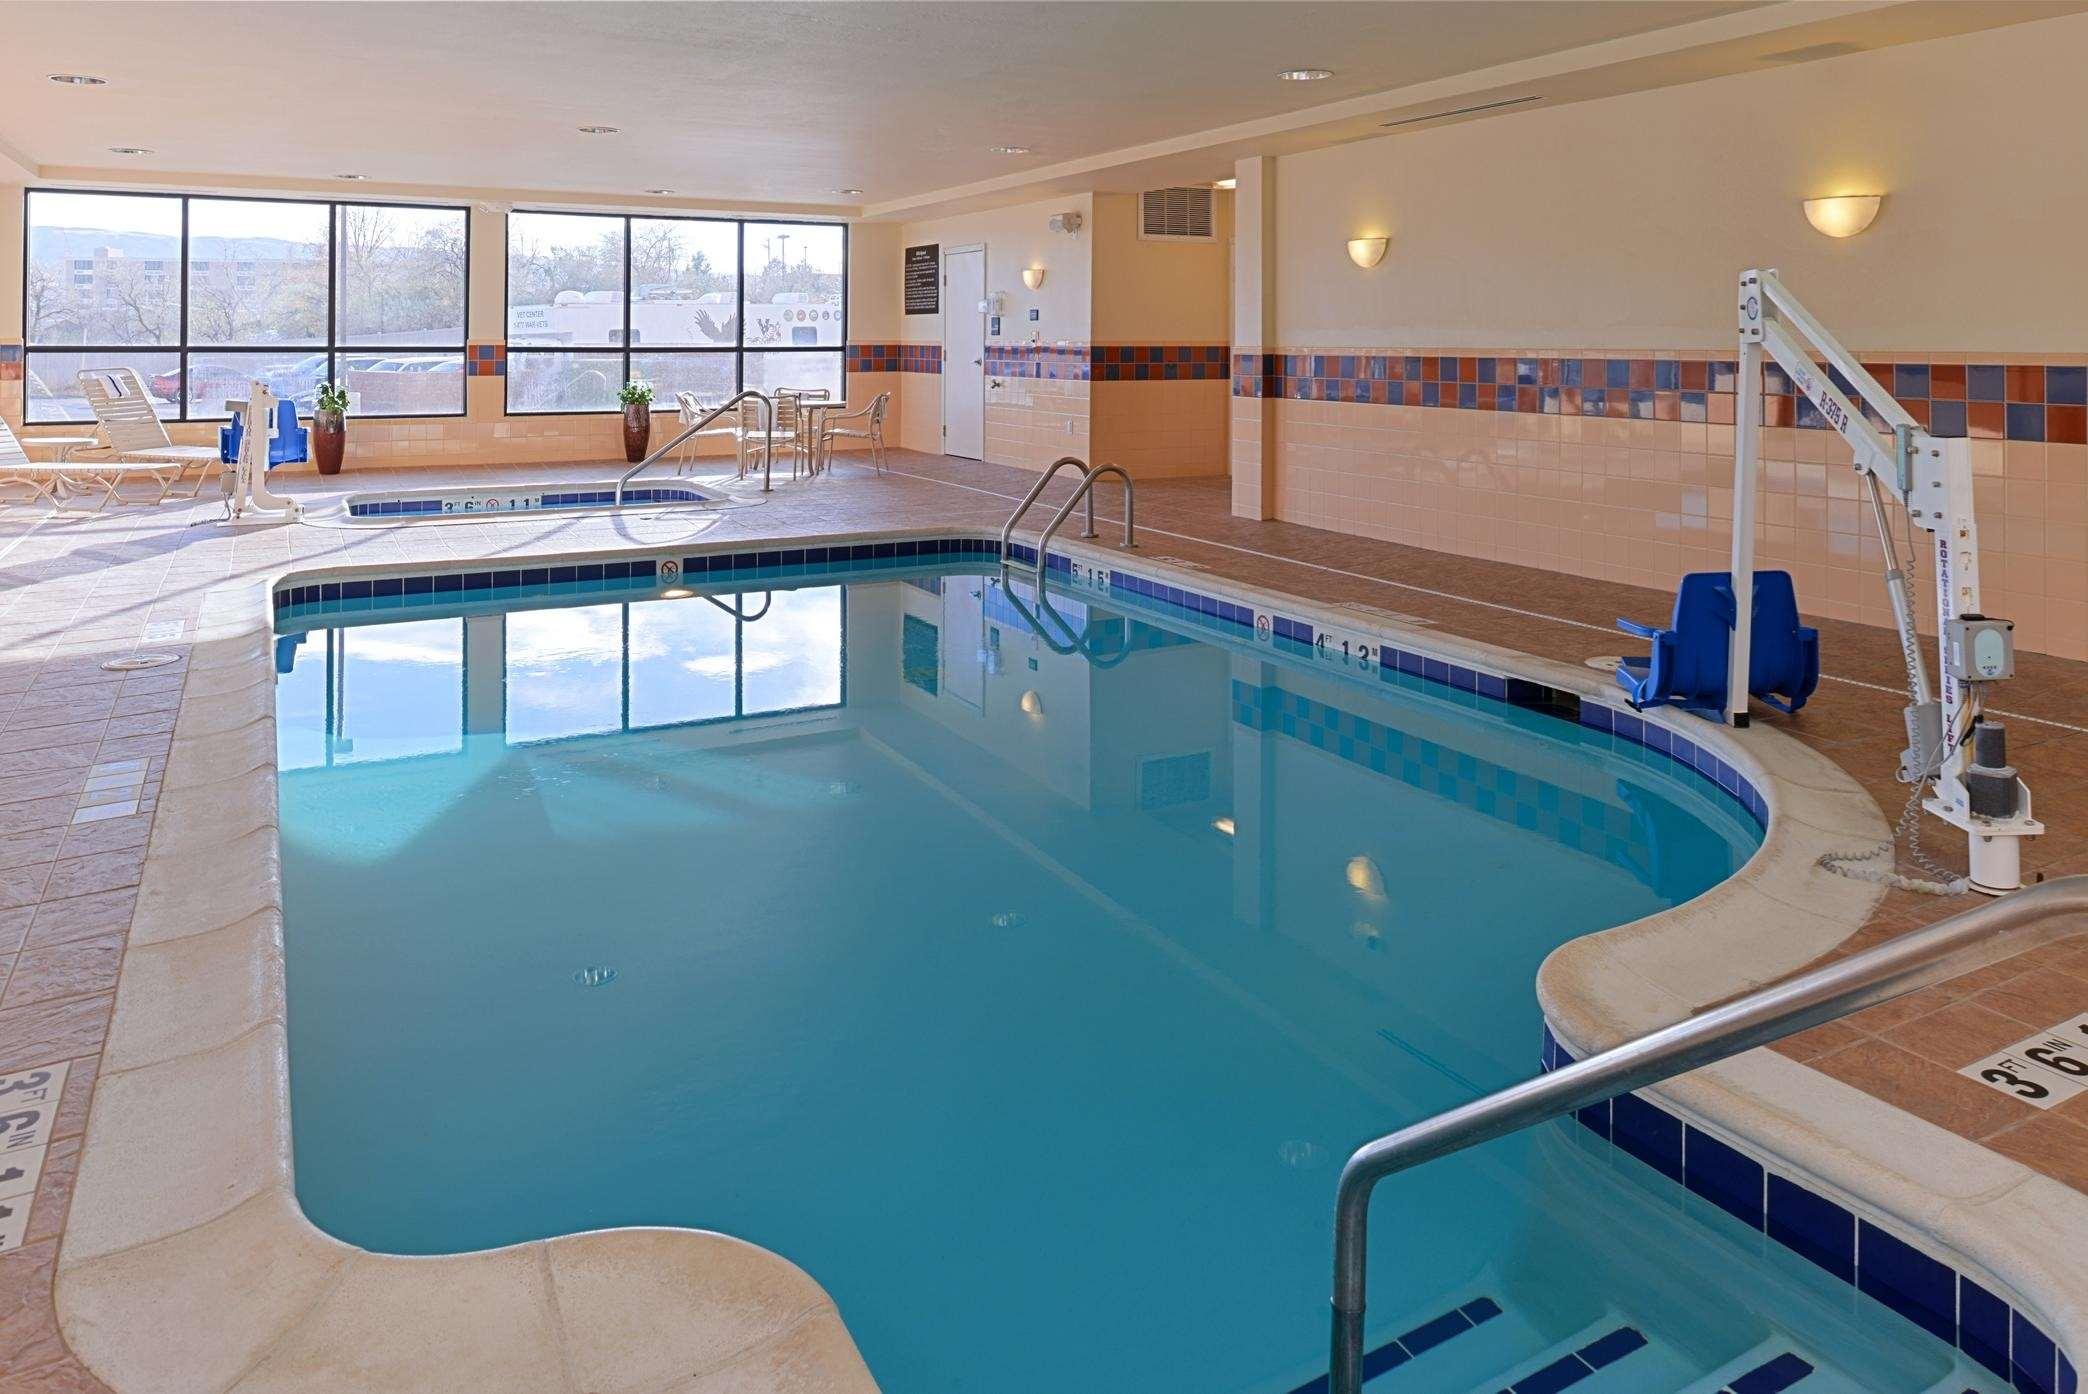 Hampton Inn & Suites Casper image 22